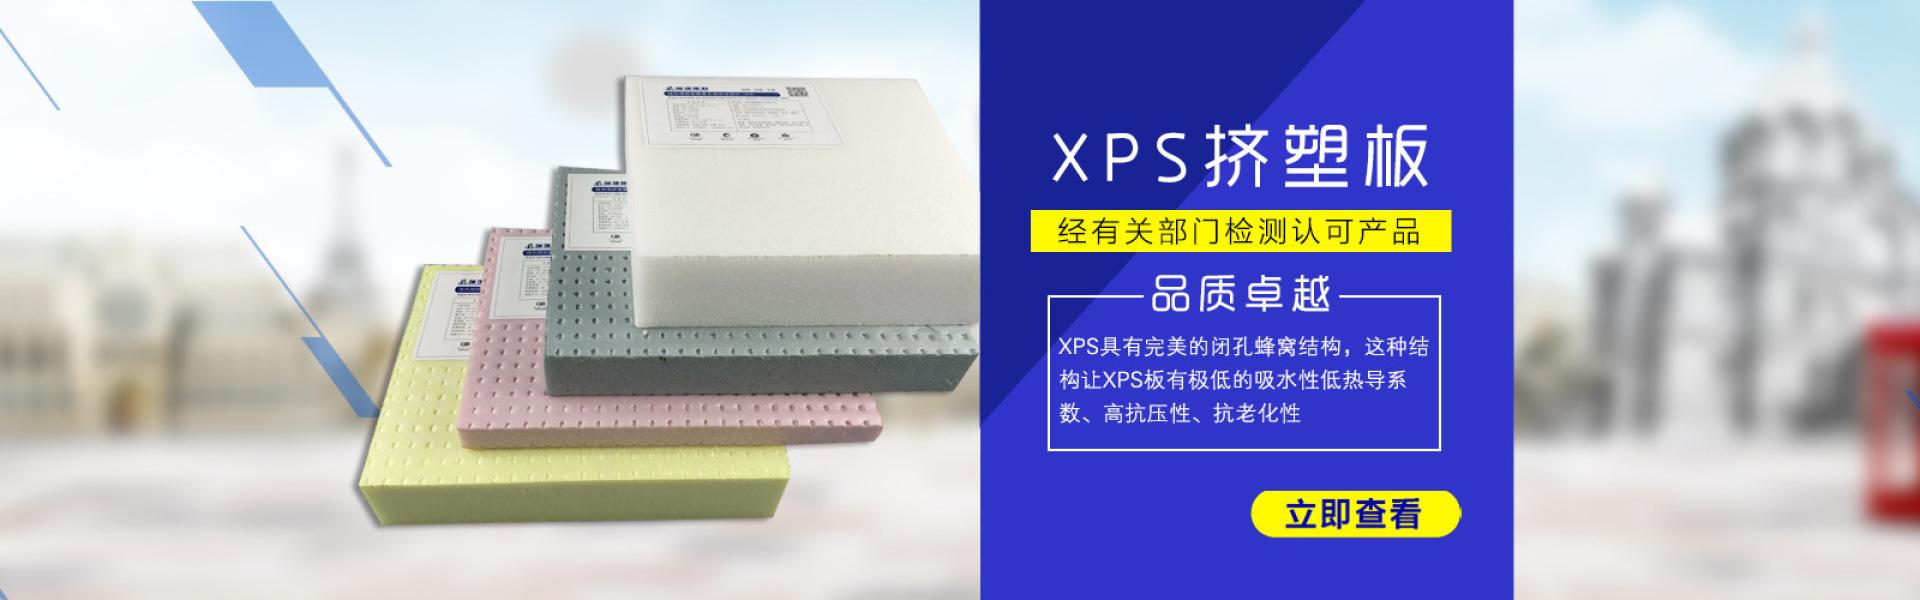 沈阳挤塑板,沈阳XPS挤塑板